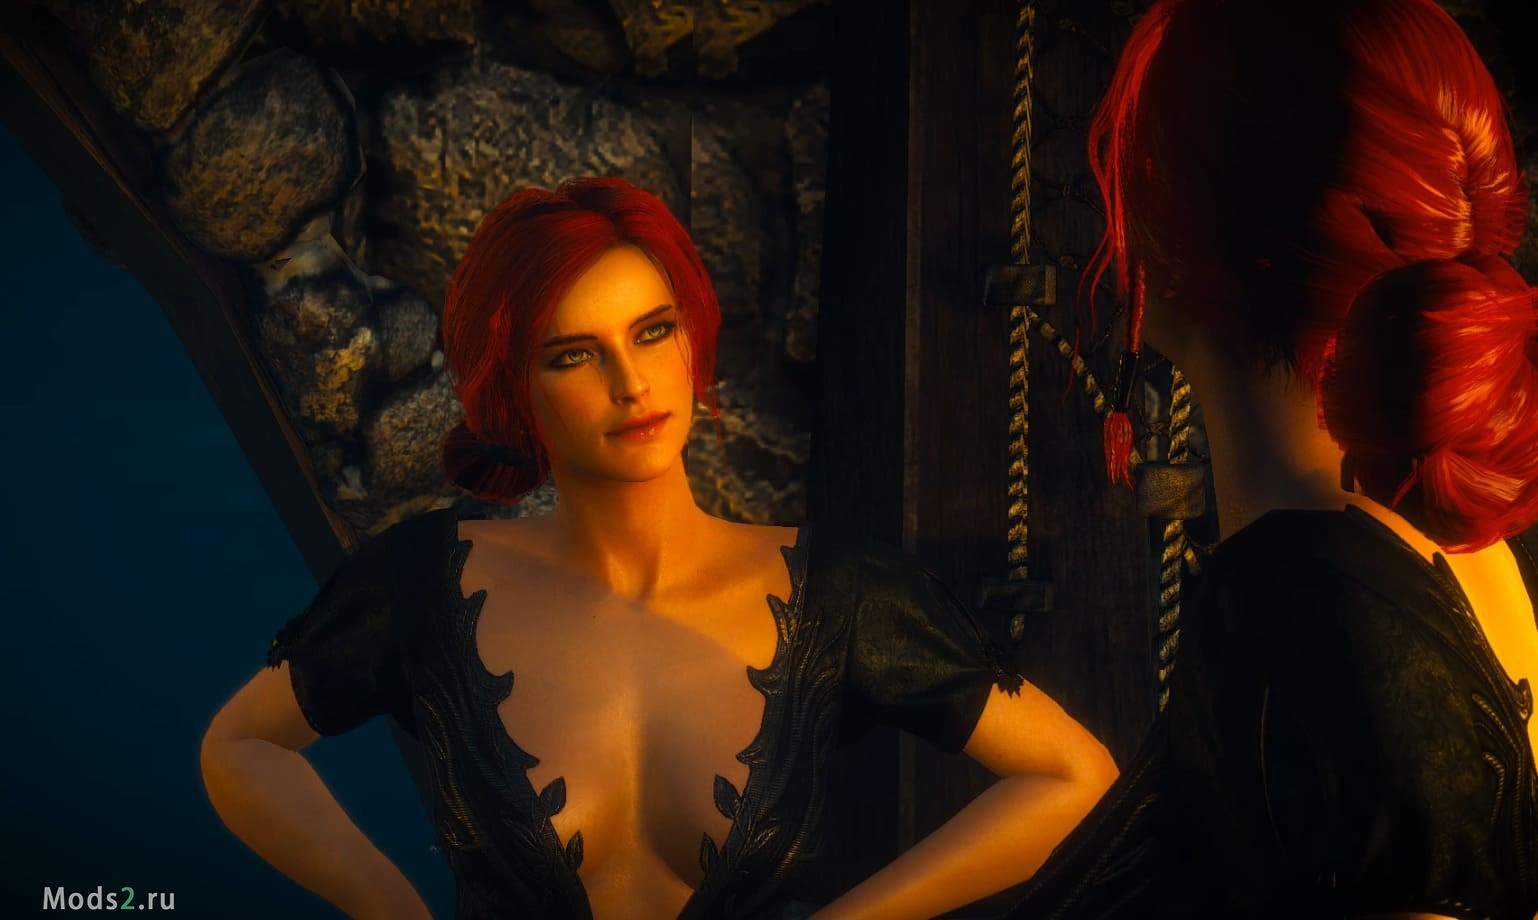 Новая сексуальная одежда для Трисс - Triss DLC Outfit